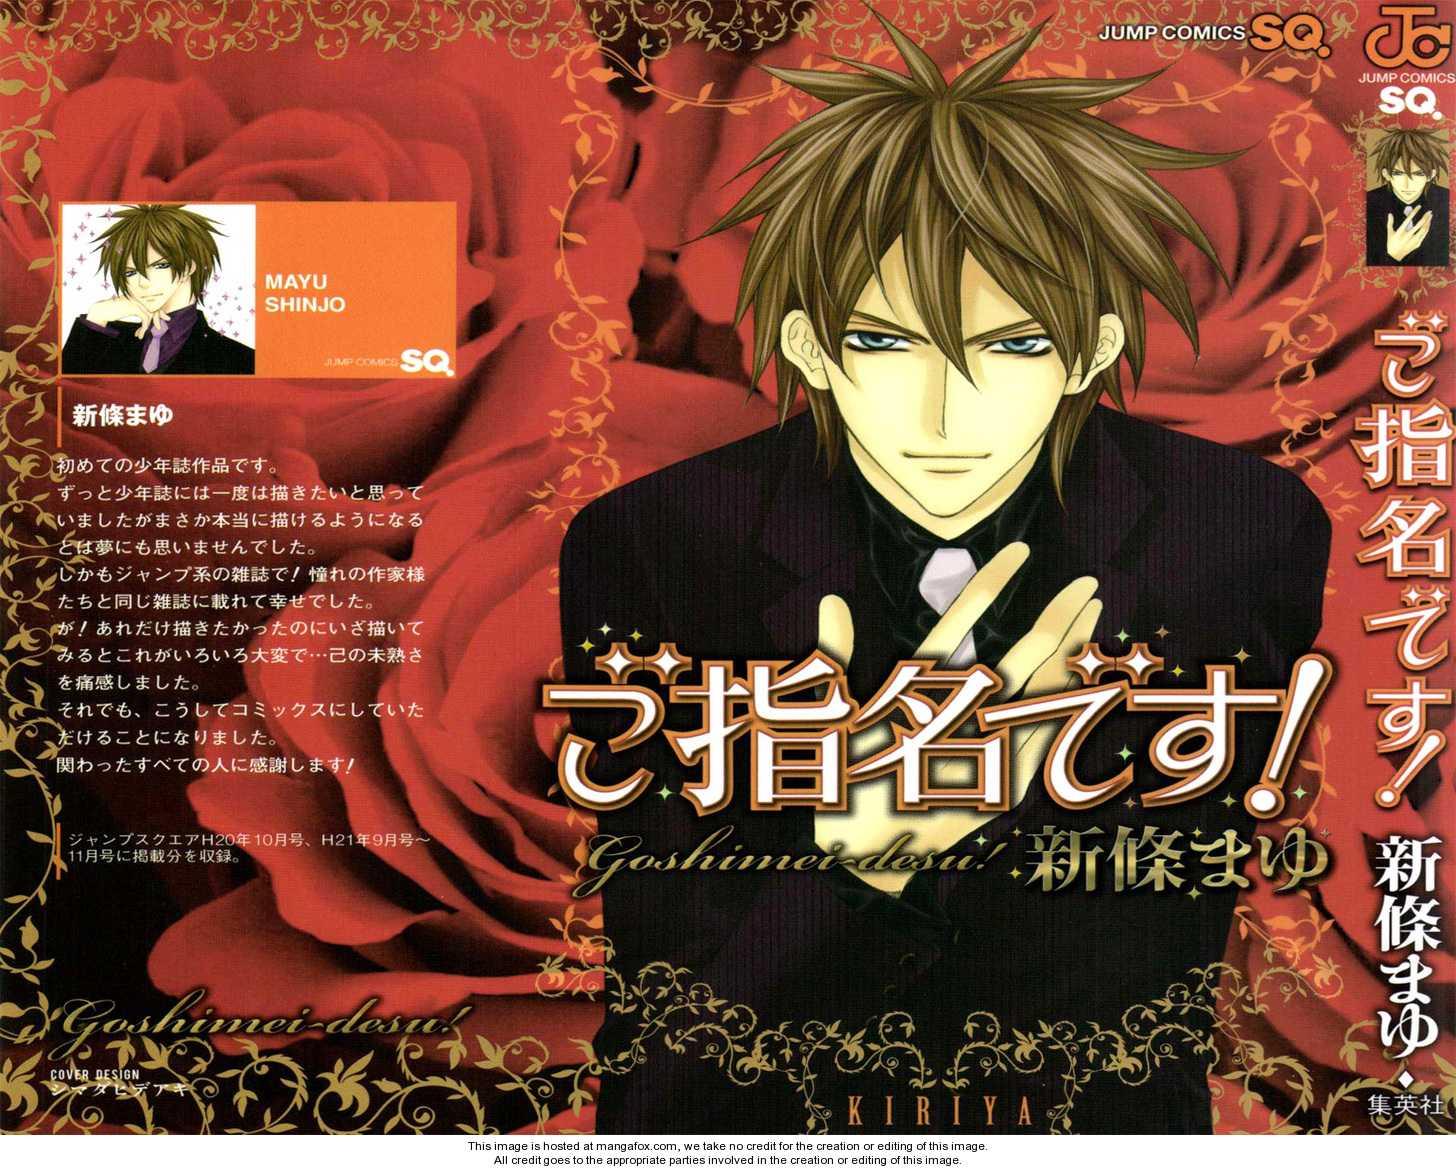 Goshimei desu! 1 Page 1